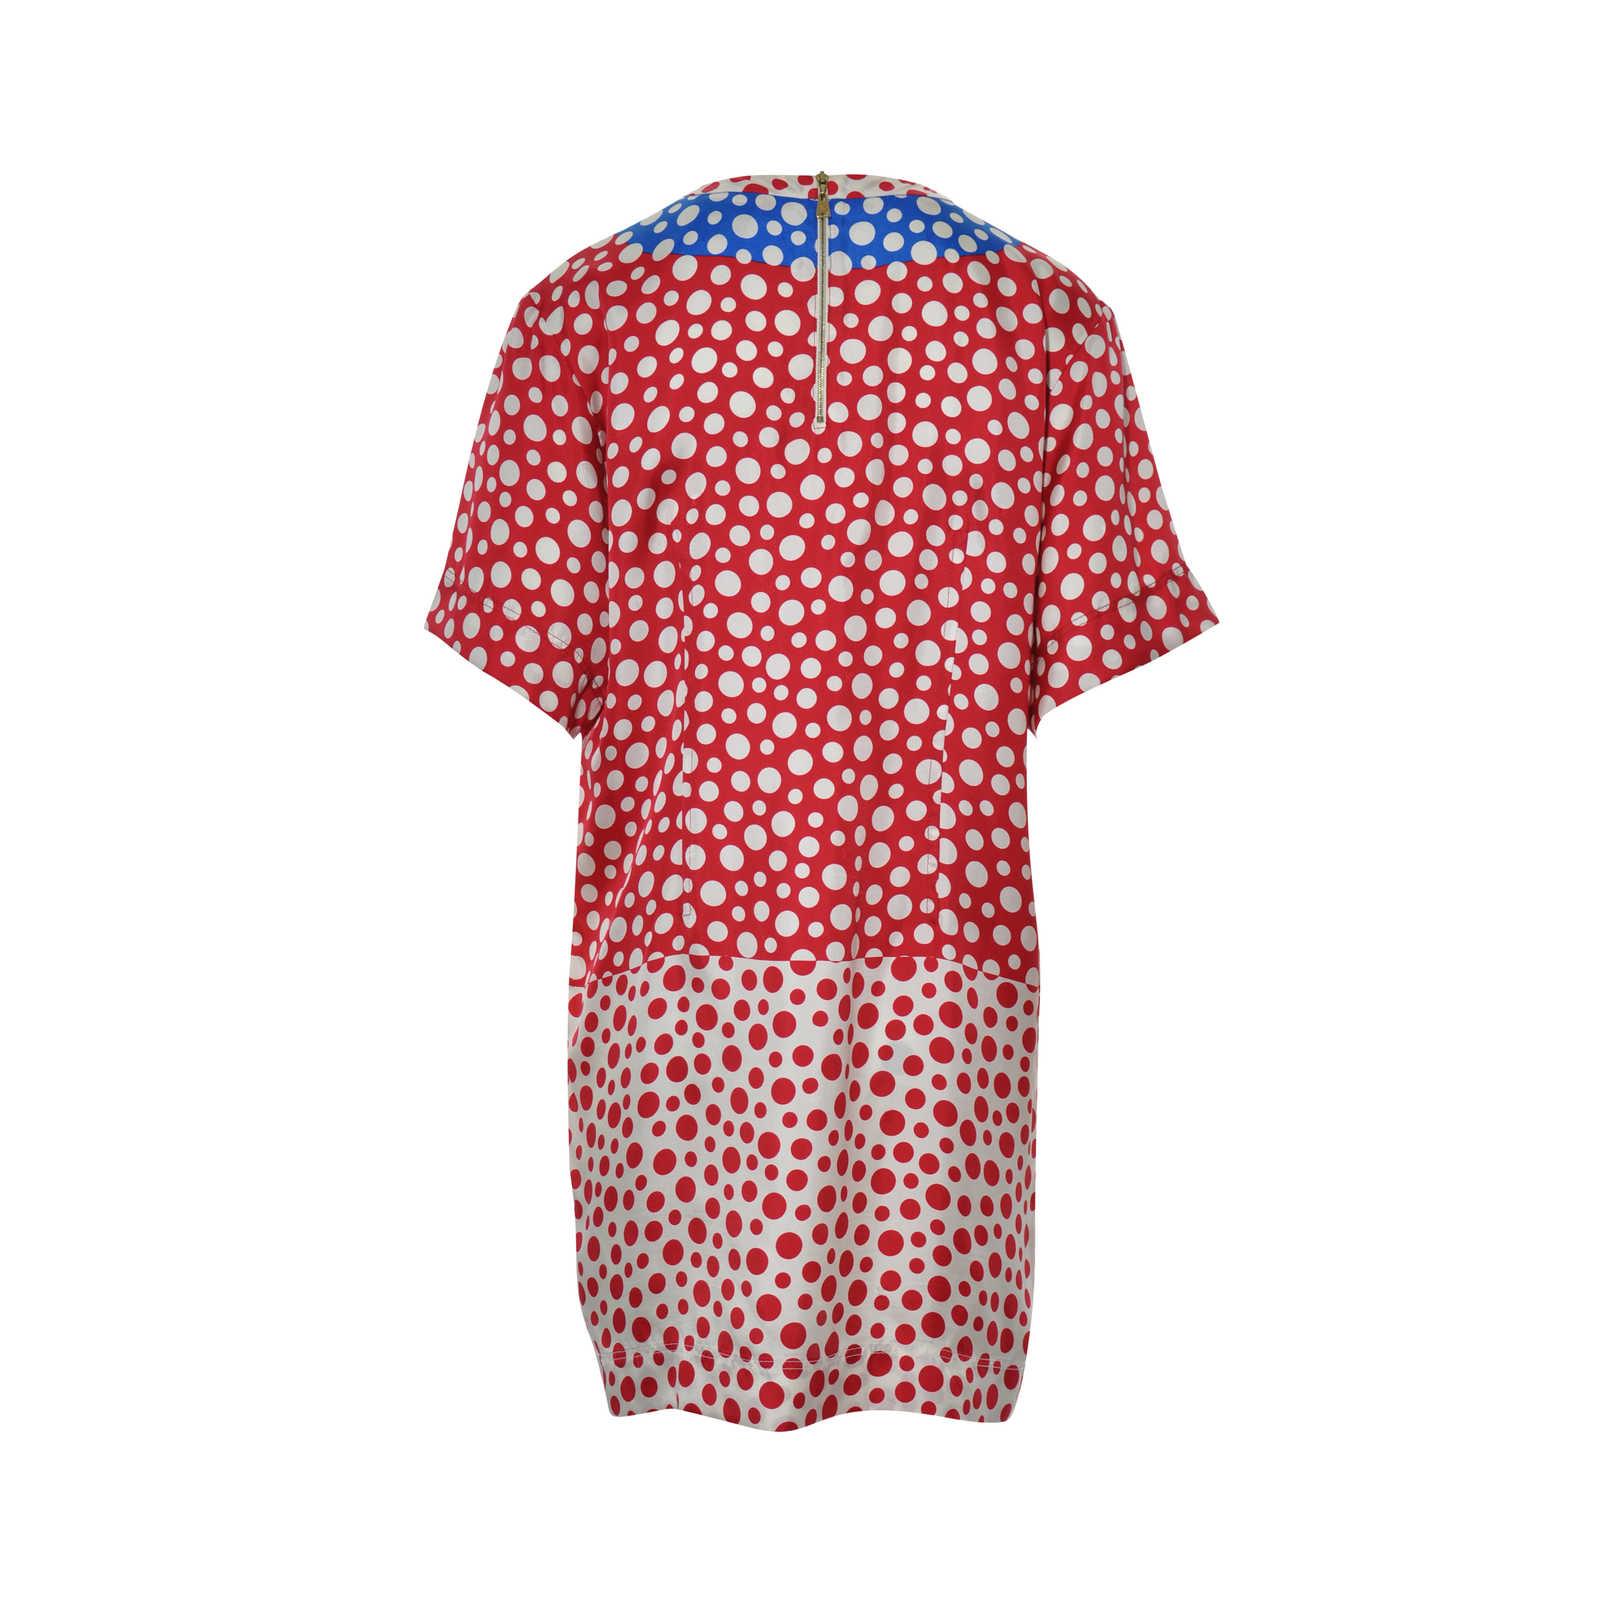 0411ab44575e5 ... Authentic Second Hand Louis Vuitton Yayoi Kusama Polka Dot Dress  (PSS-326-00033 ...